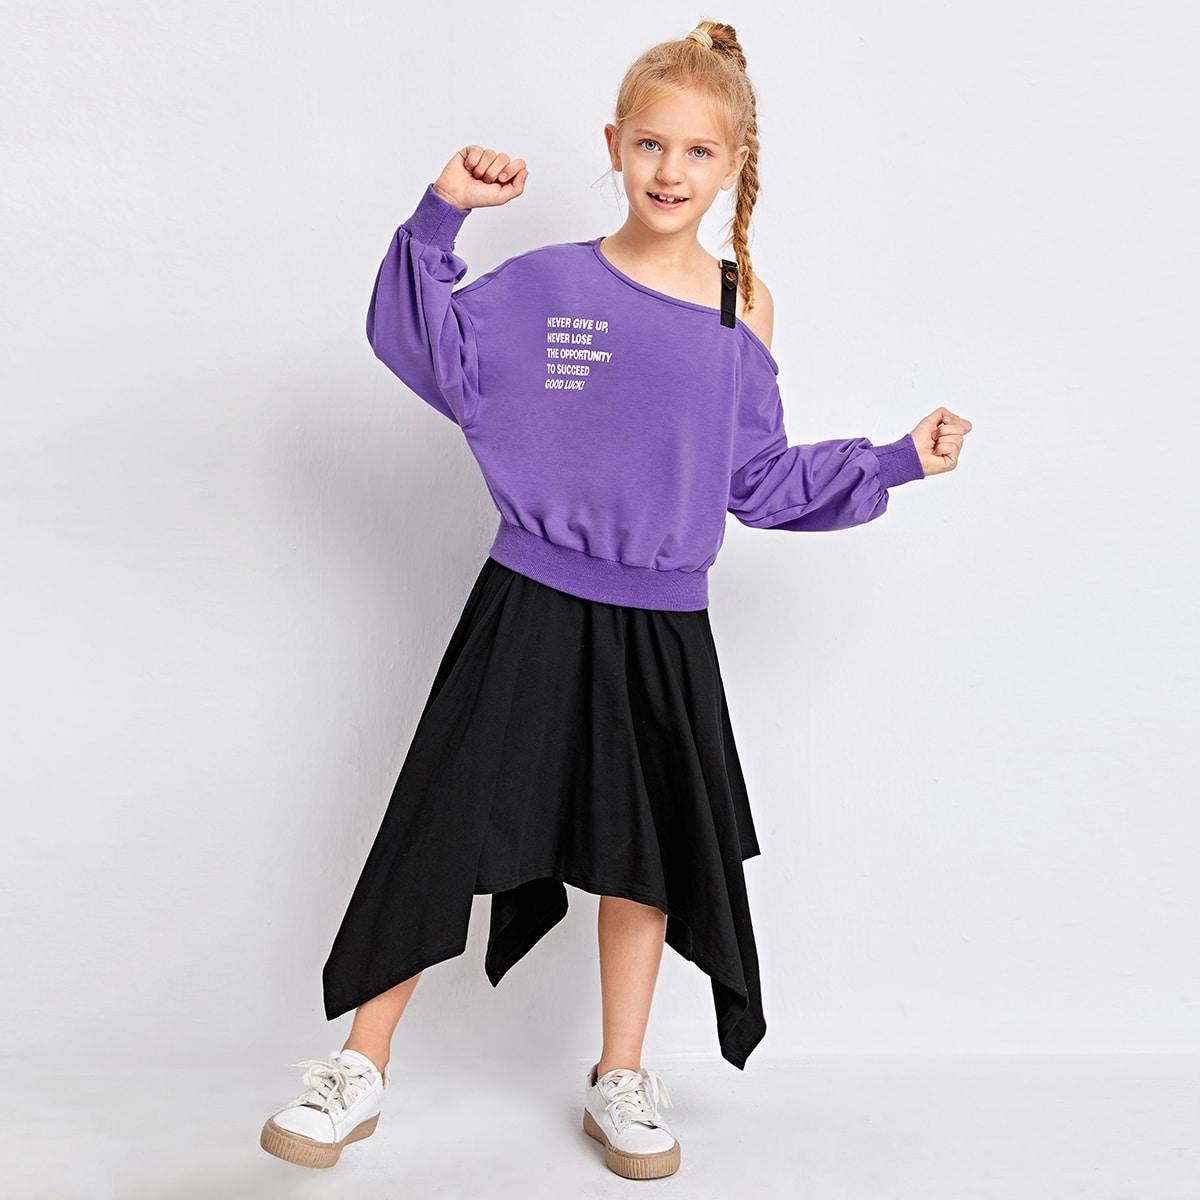 Юбка и пуловер с текстовым принтом для девочек